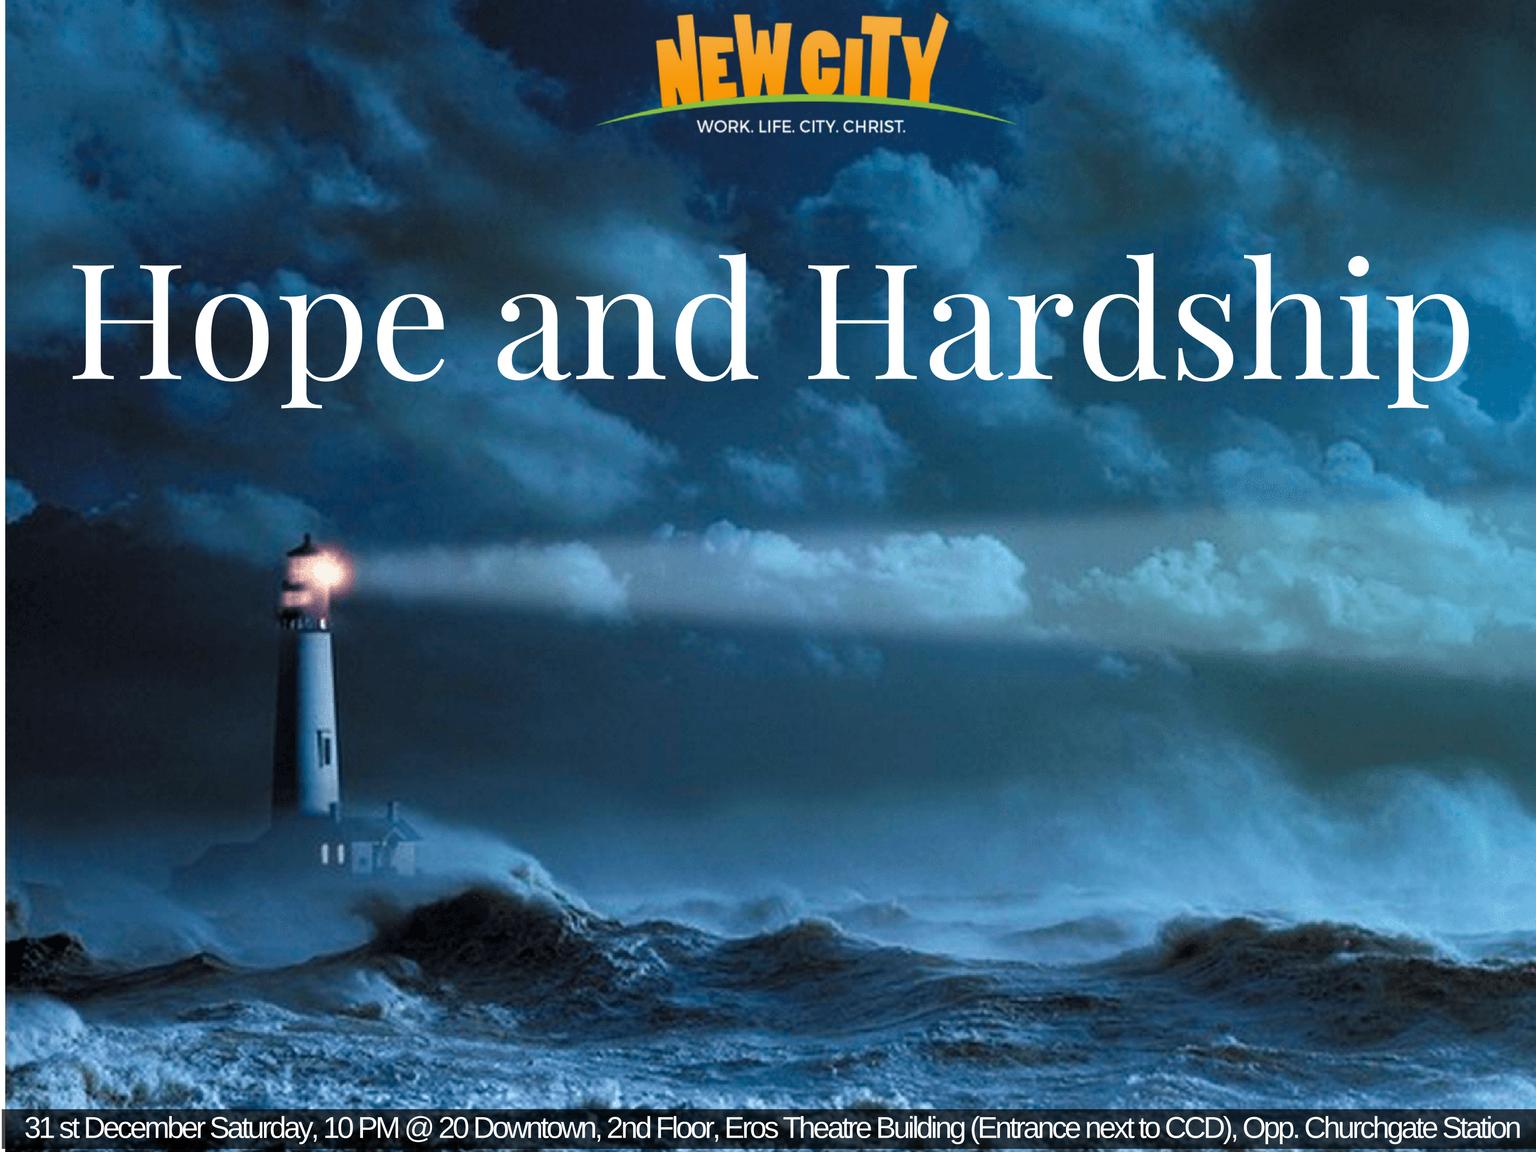 Hope and Hardship Image